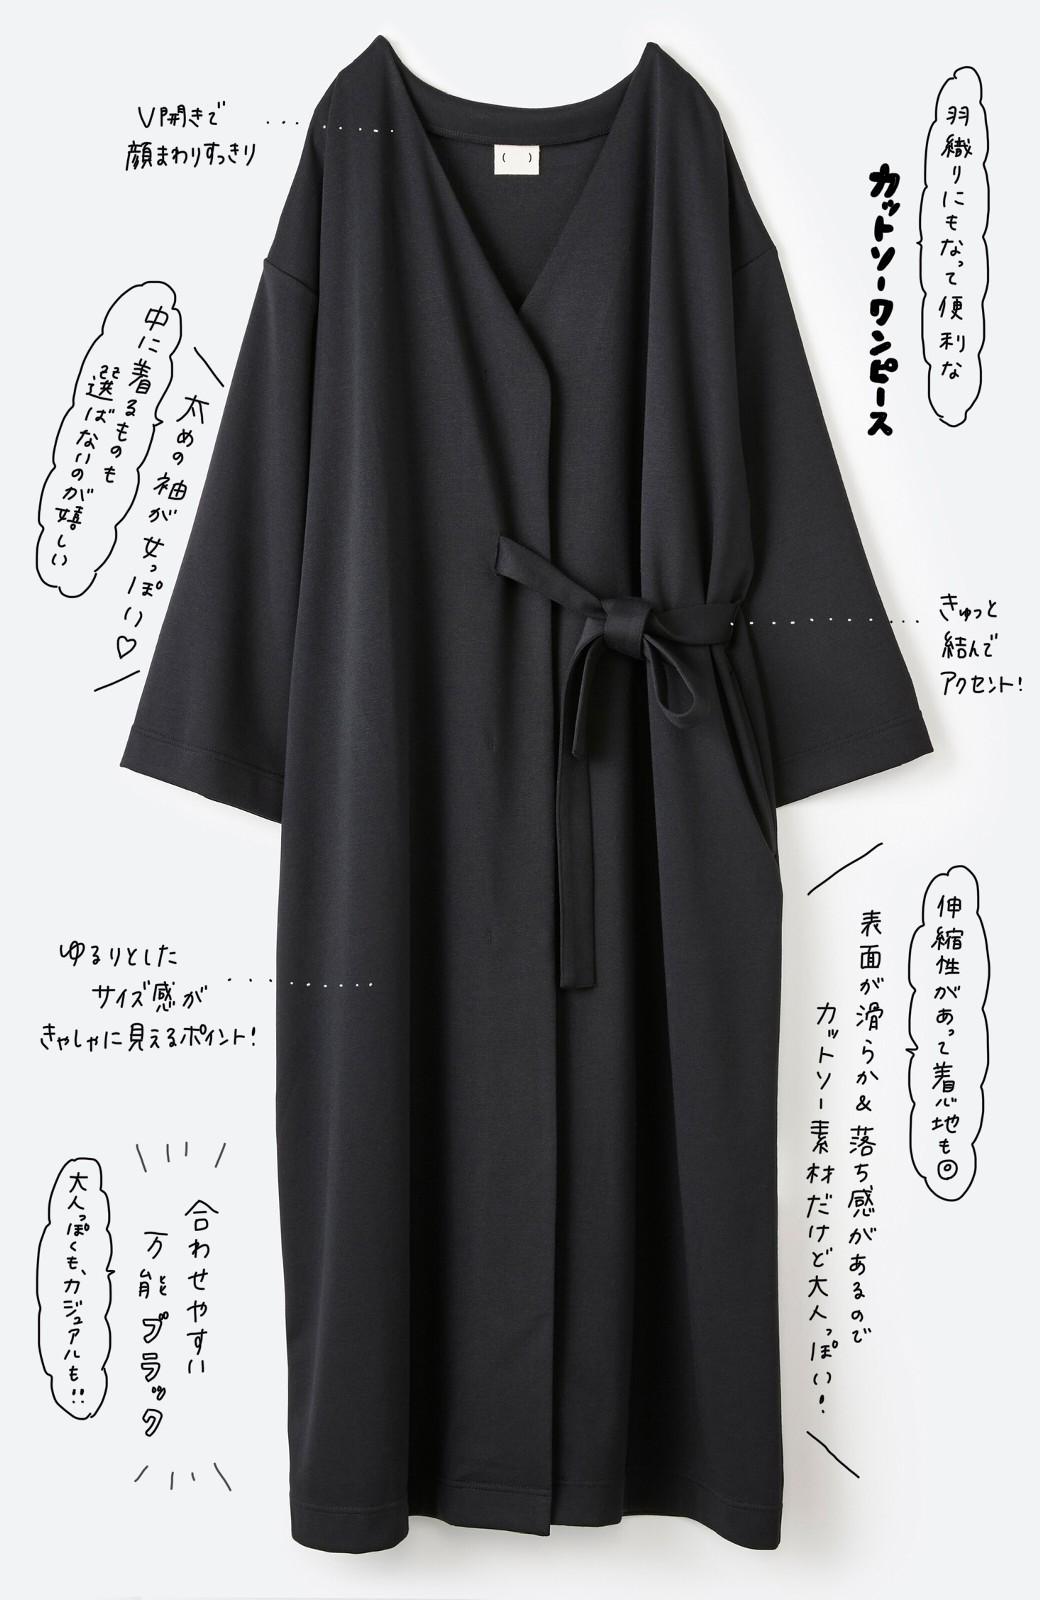 haco! サイドリボンと落ち感が女っぽい 羽織り&重ね着を楽しむカットソーワンピース <ブラック>の商品写真2